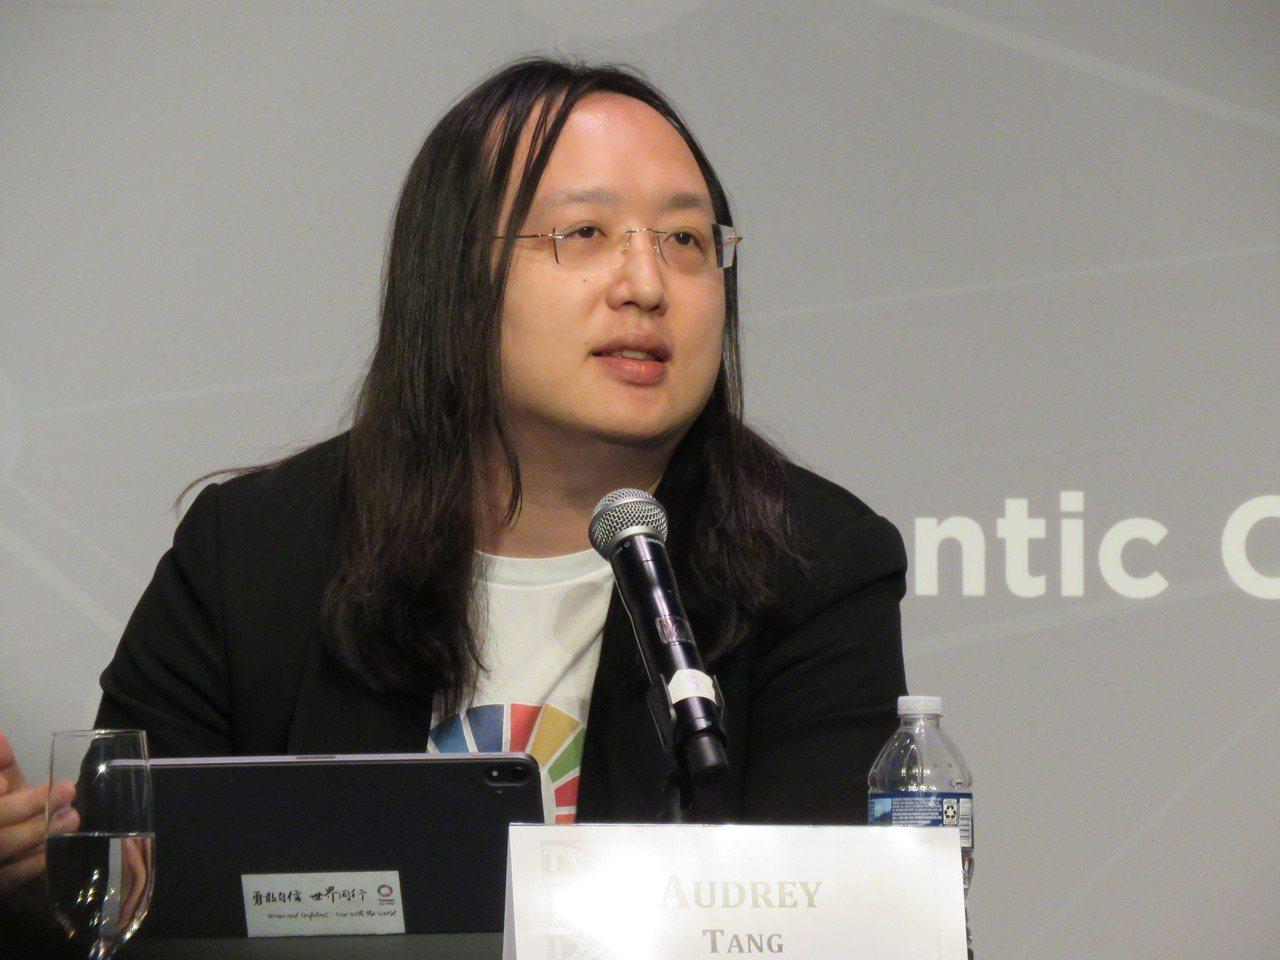 數位政委唐鳳出席美國華府智庫舉辦的活動。華盛頓記者張加/攝影